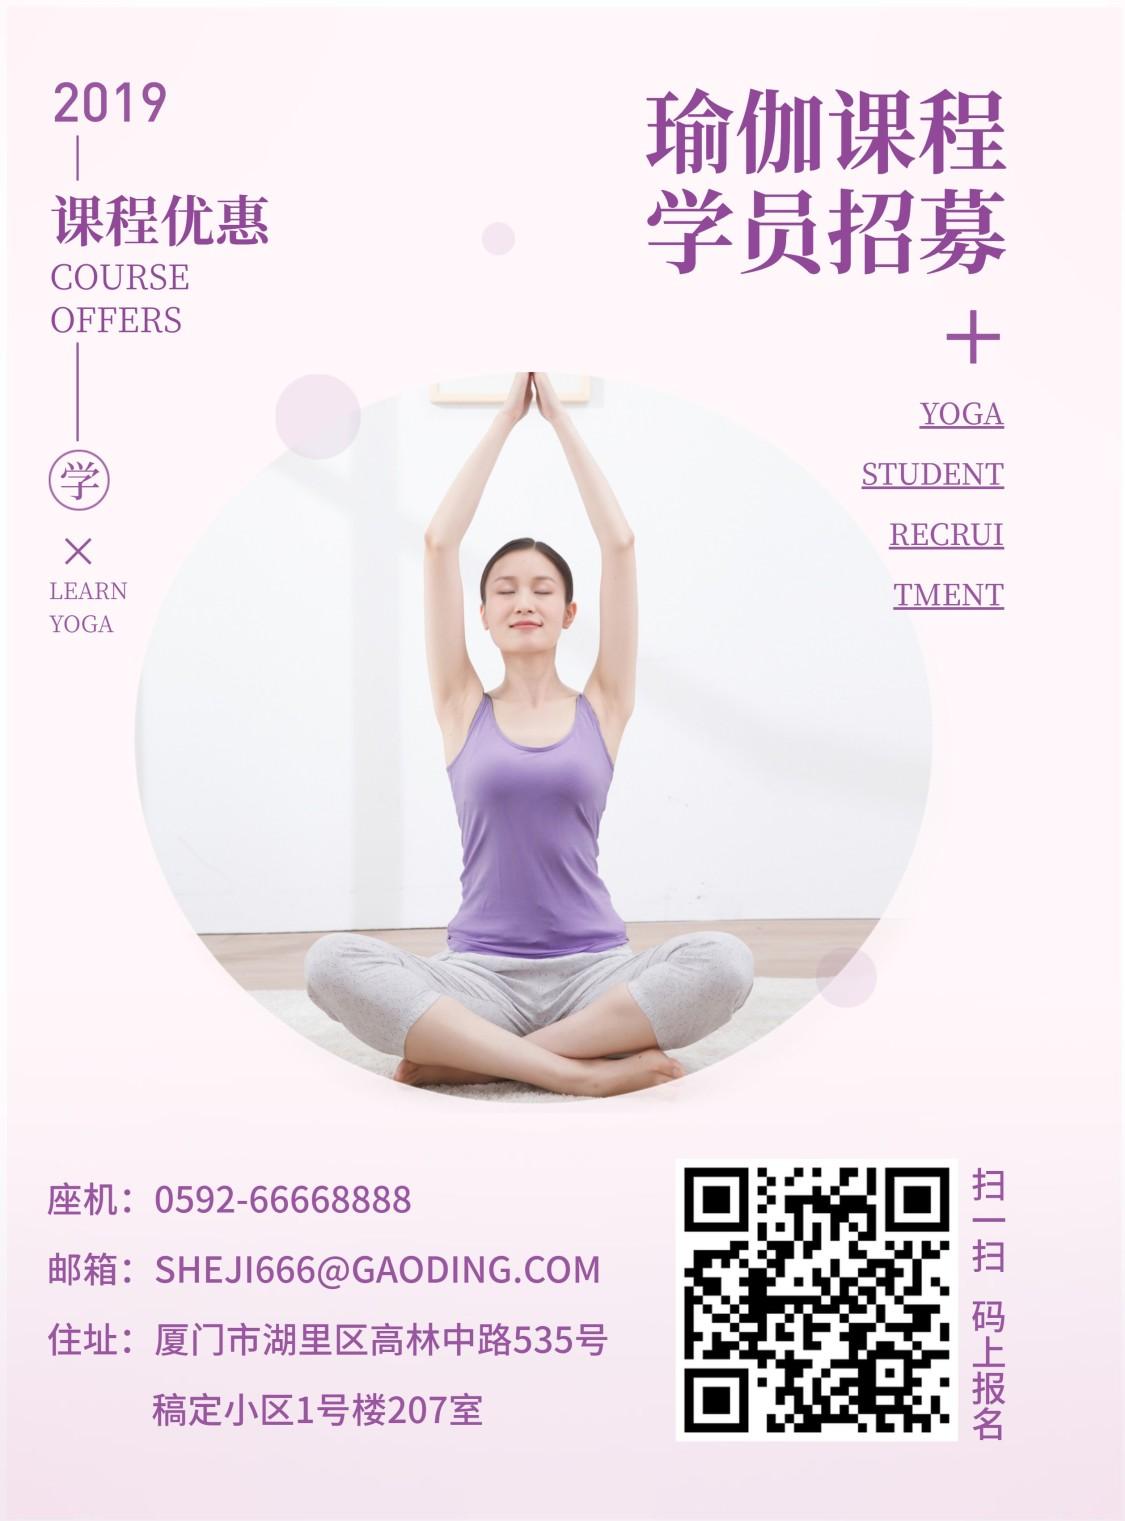 瑜伽/培训招生/张贴海报